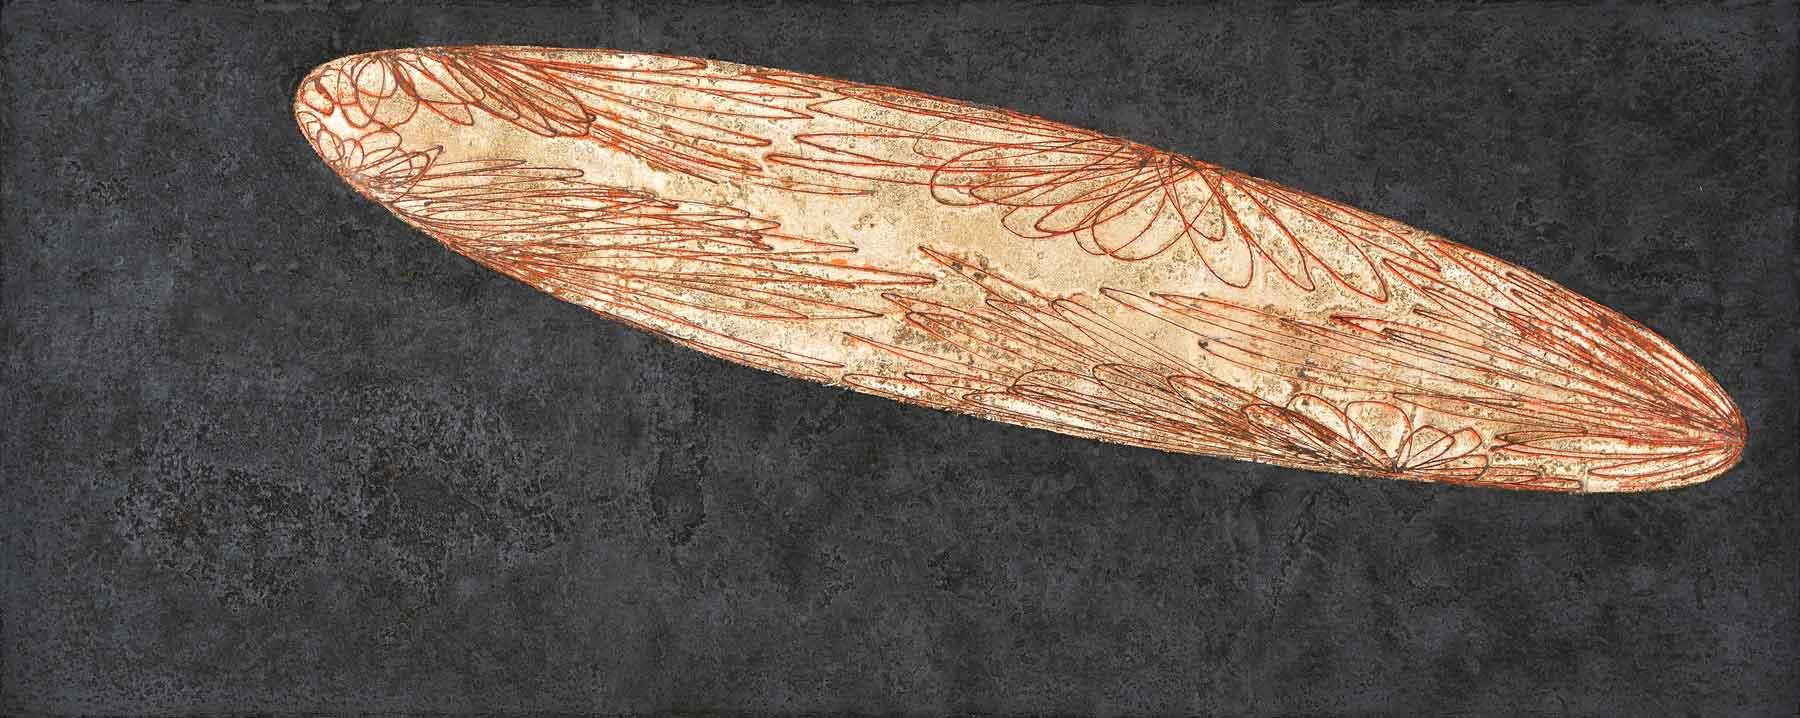 ... lost ..., 80 x 100 cm, Pigmente und Oxyde auf Eisen, 2012